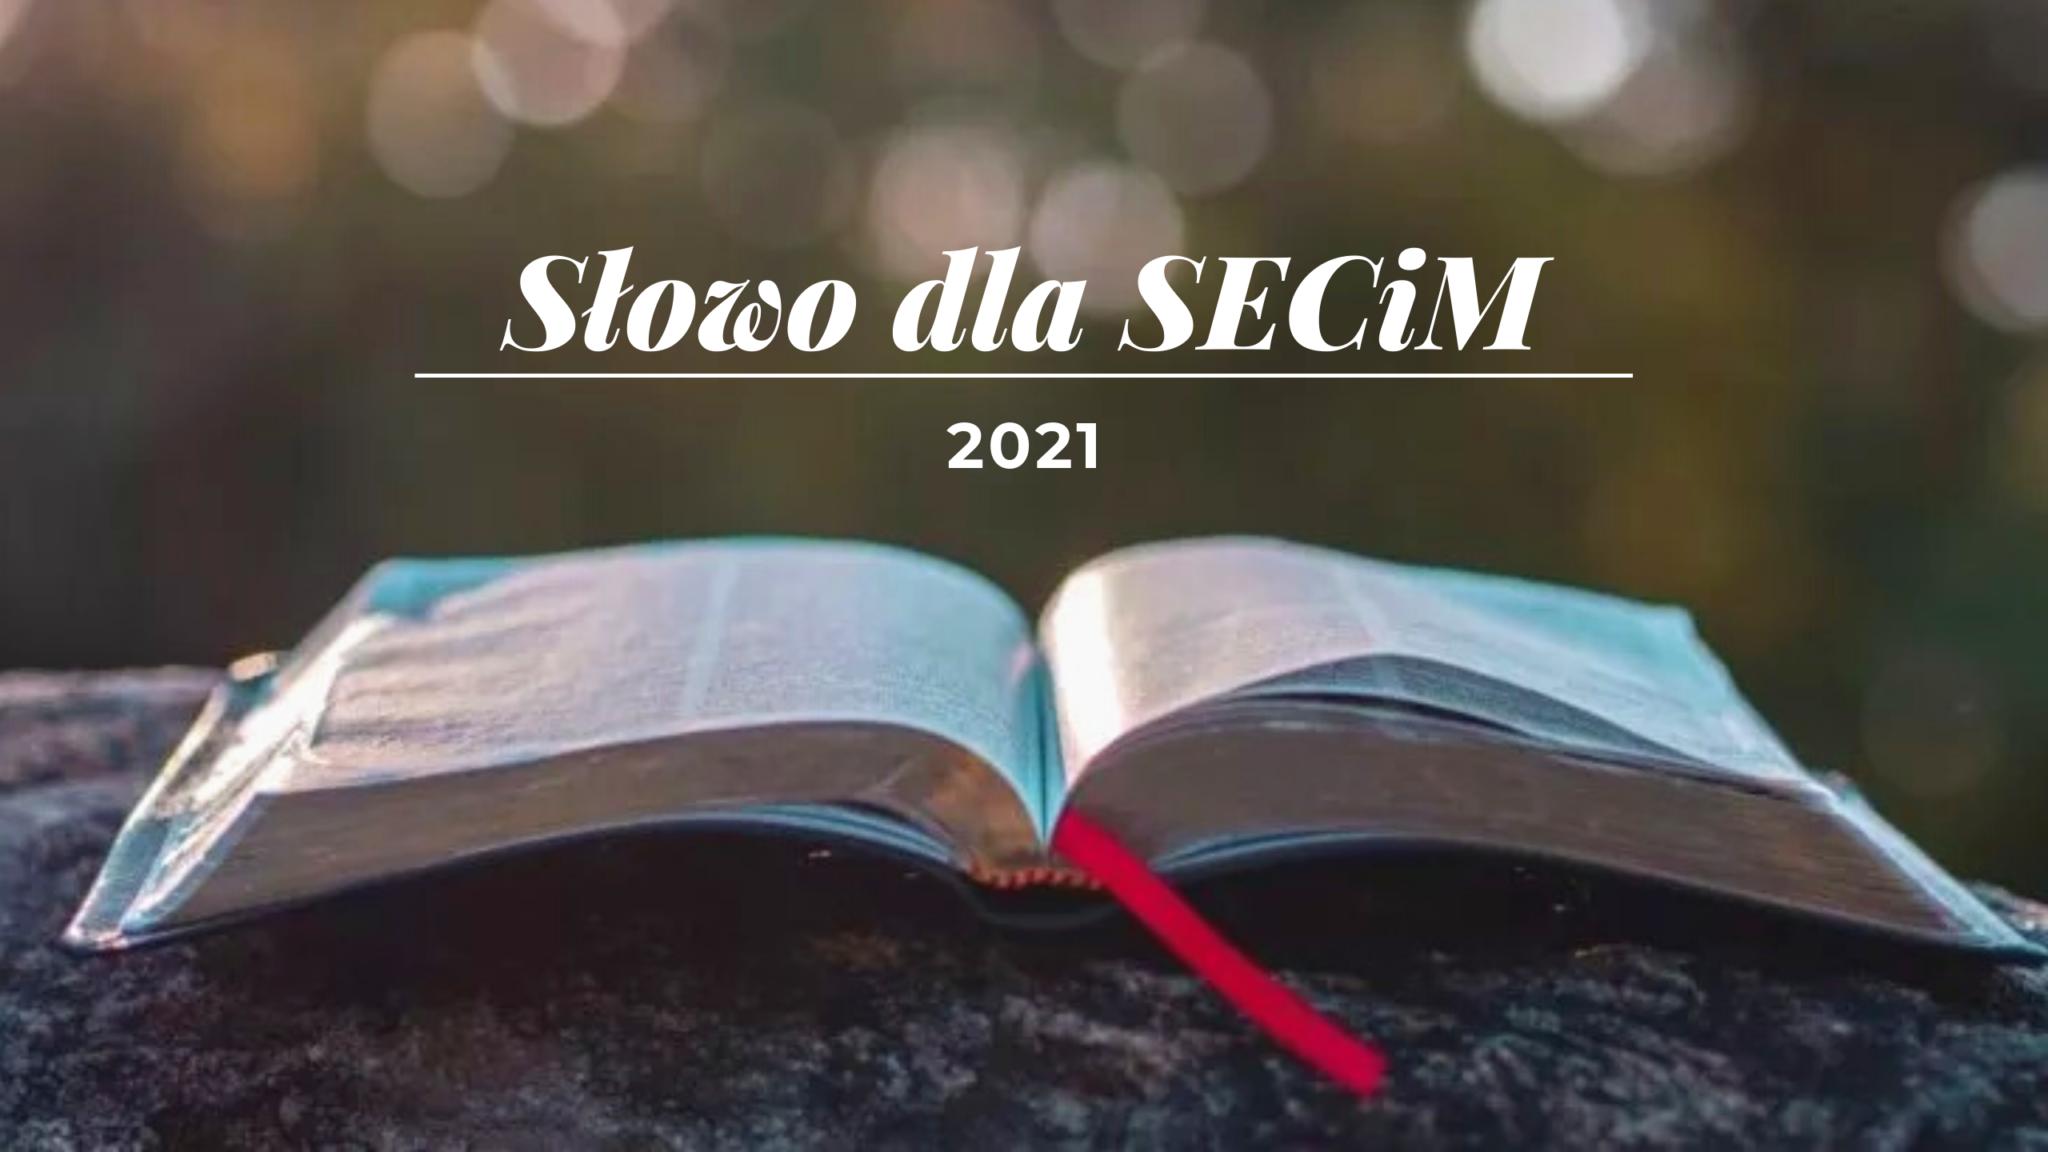 Słowo dla SECIM na 2021